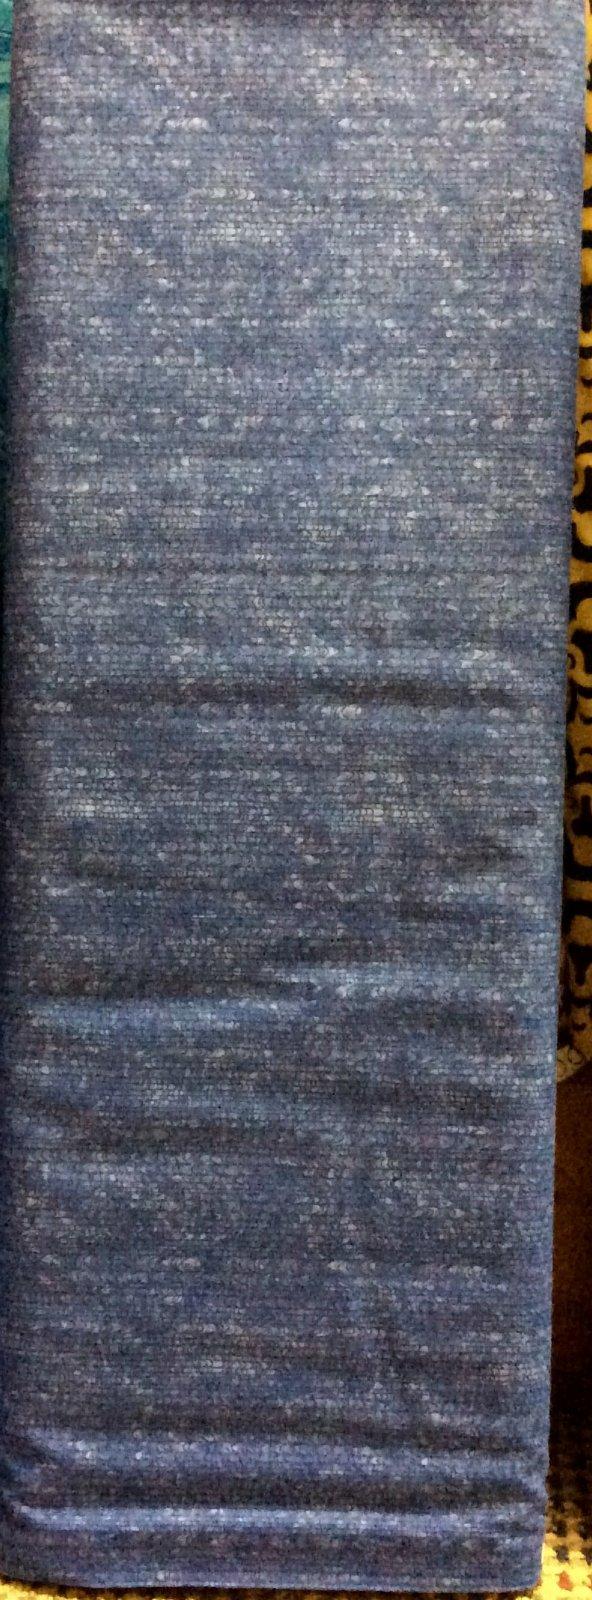 David Textiles-Sea Blue